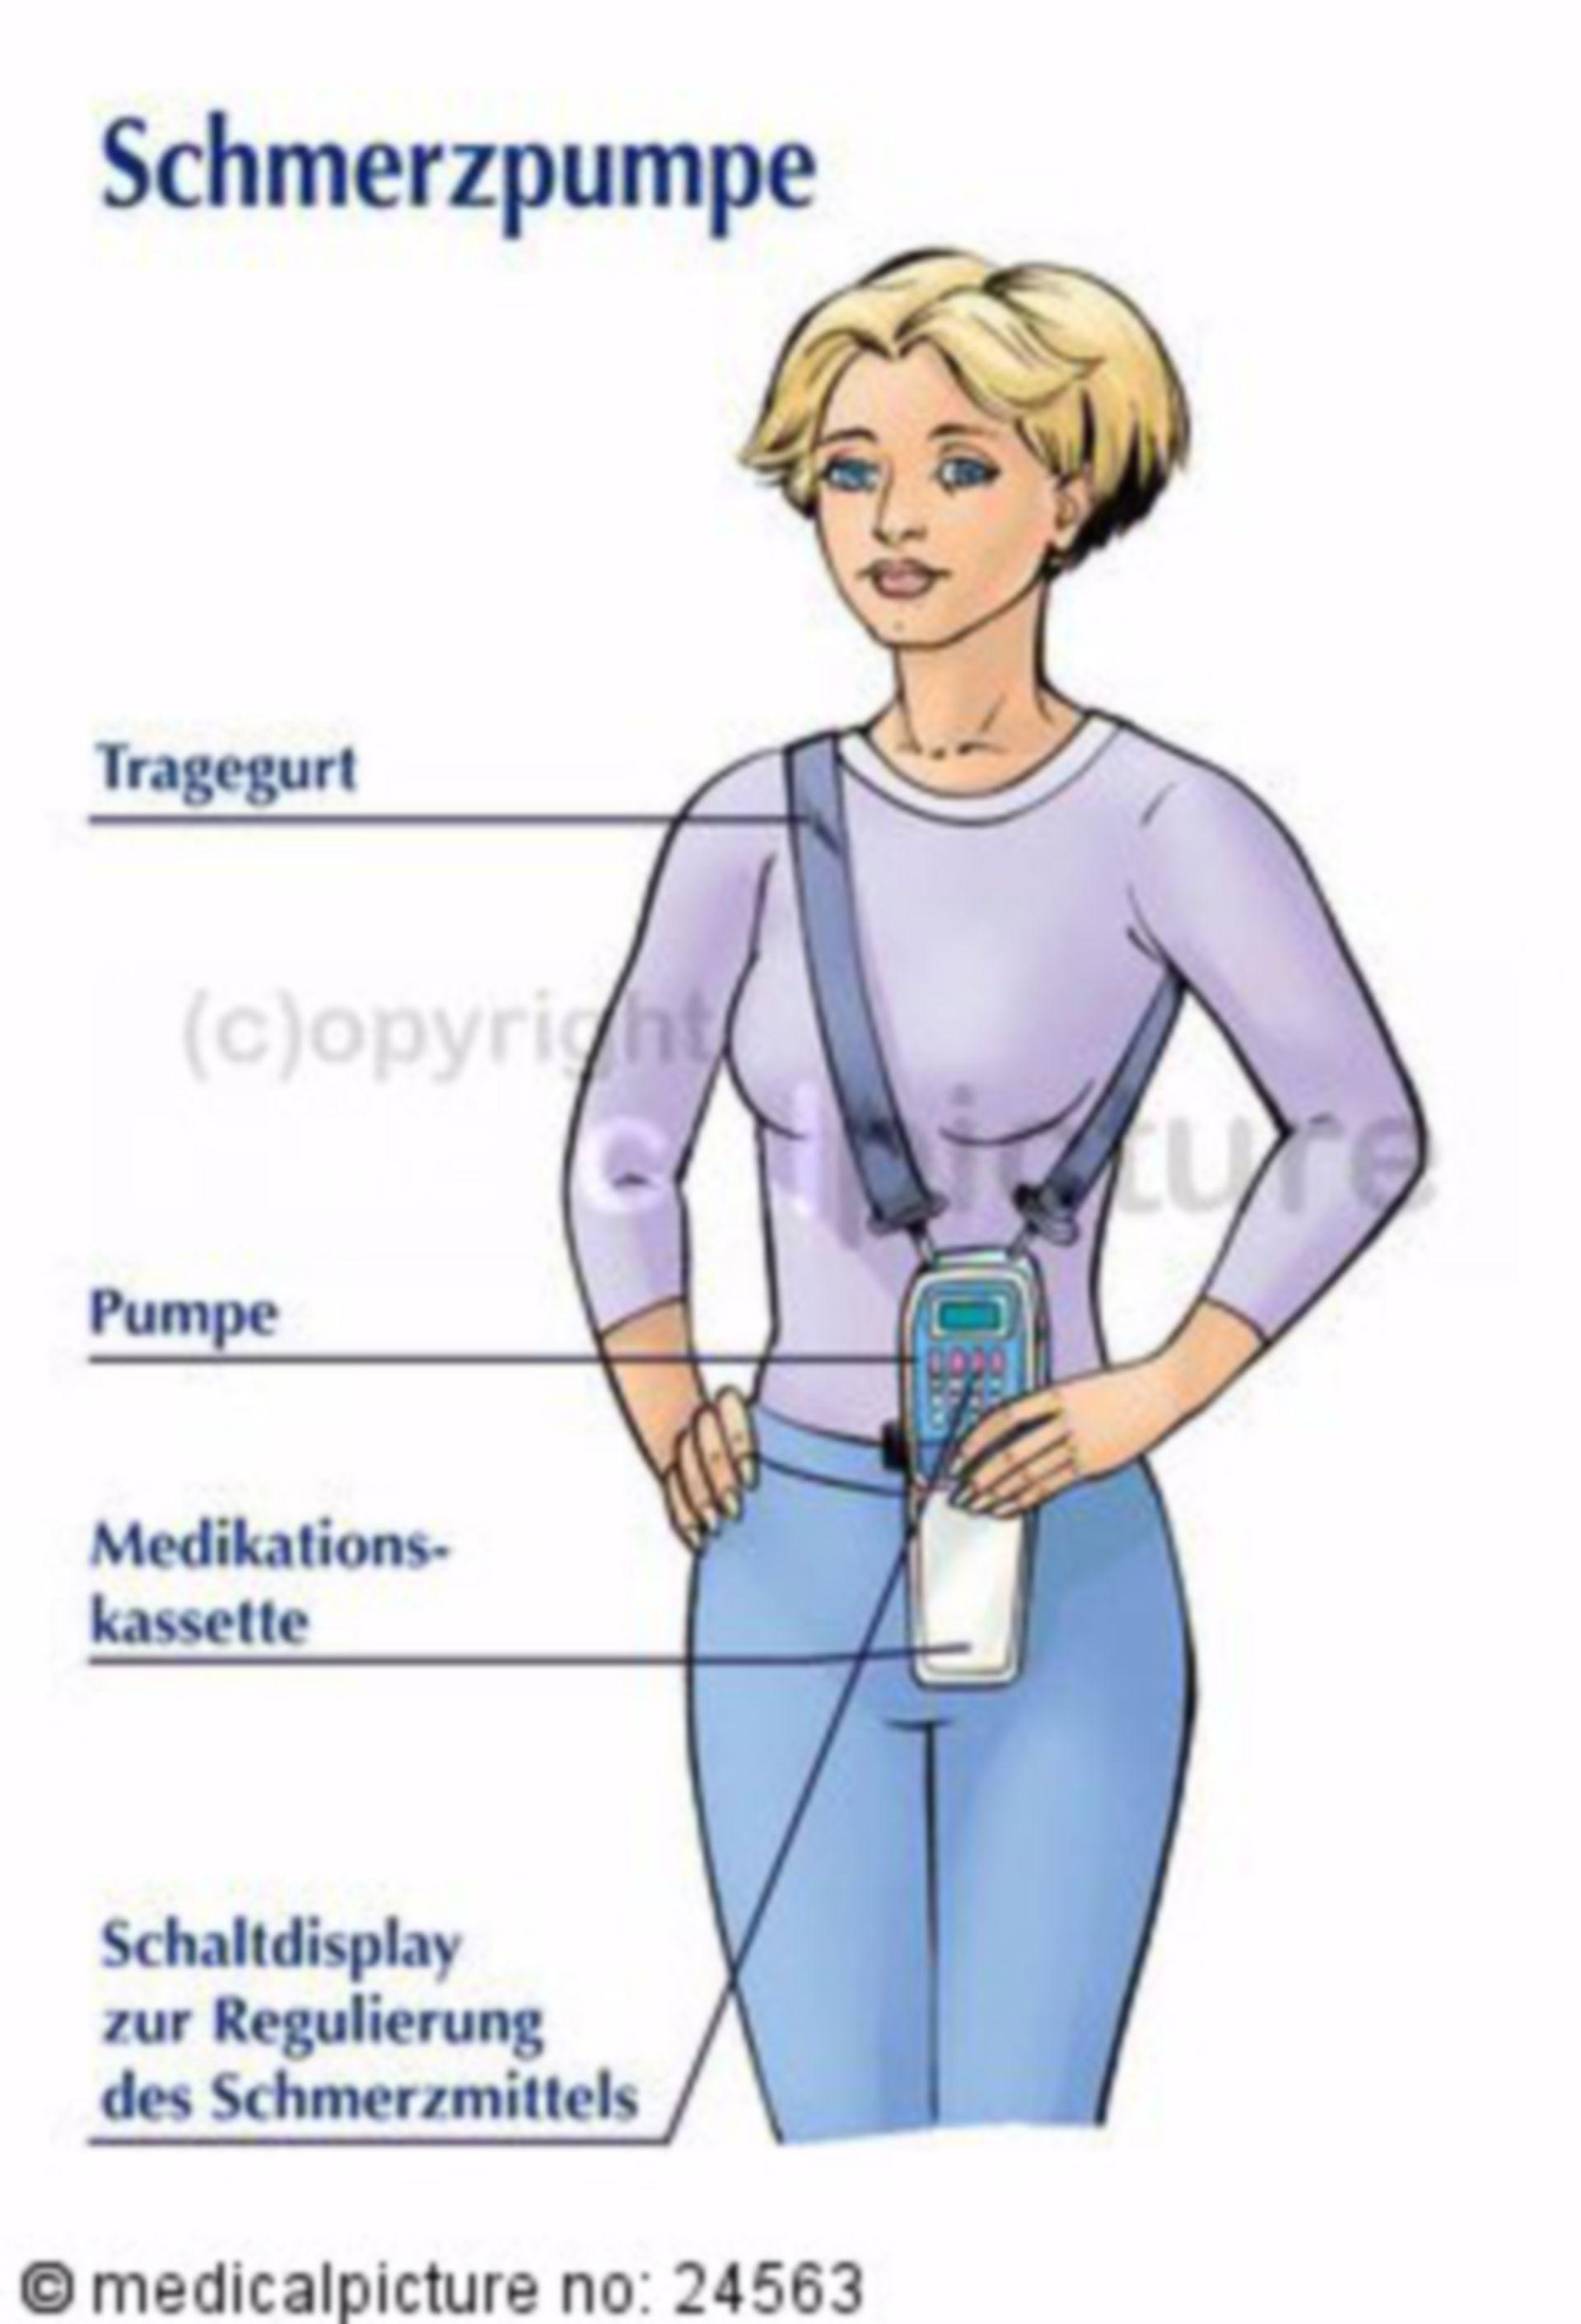 Portable Pain Pump for Chronic Pain Patient